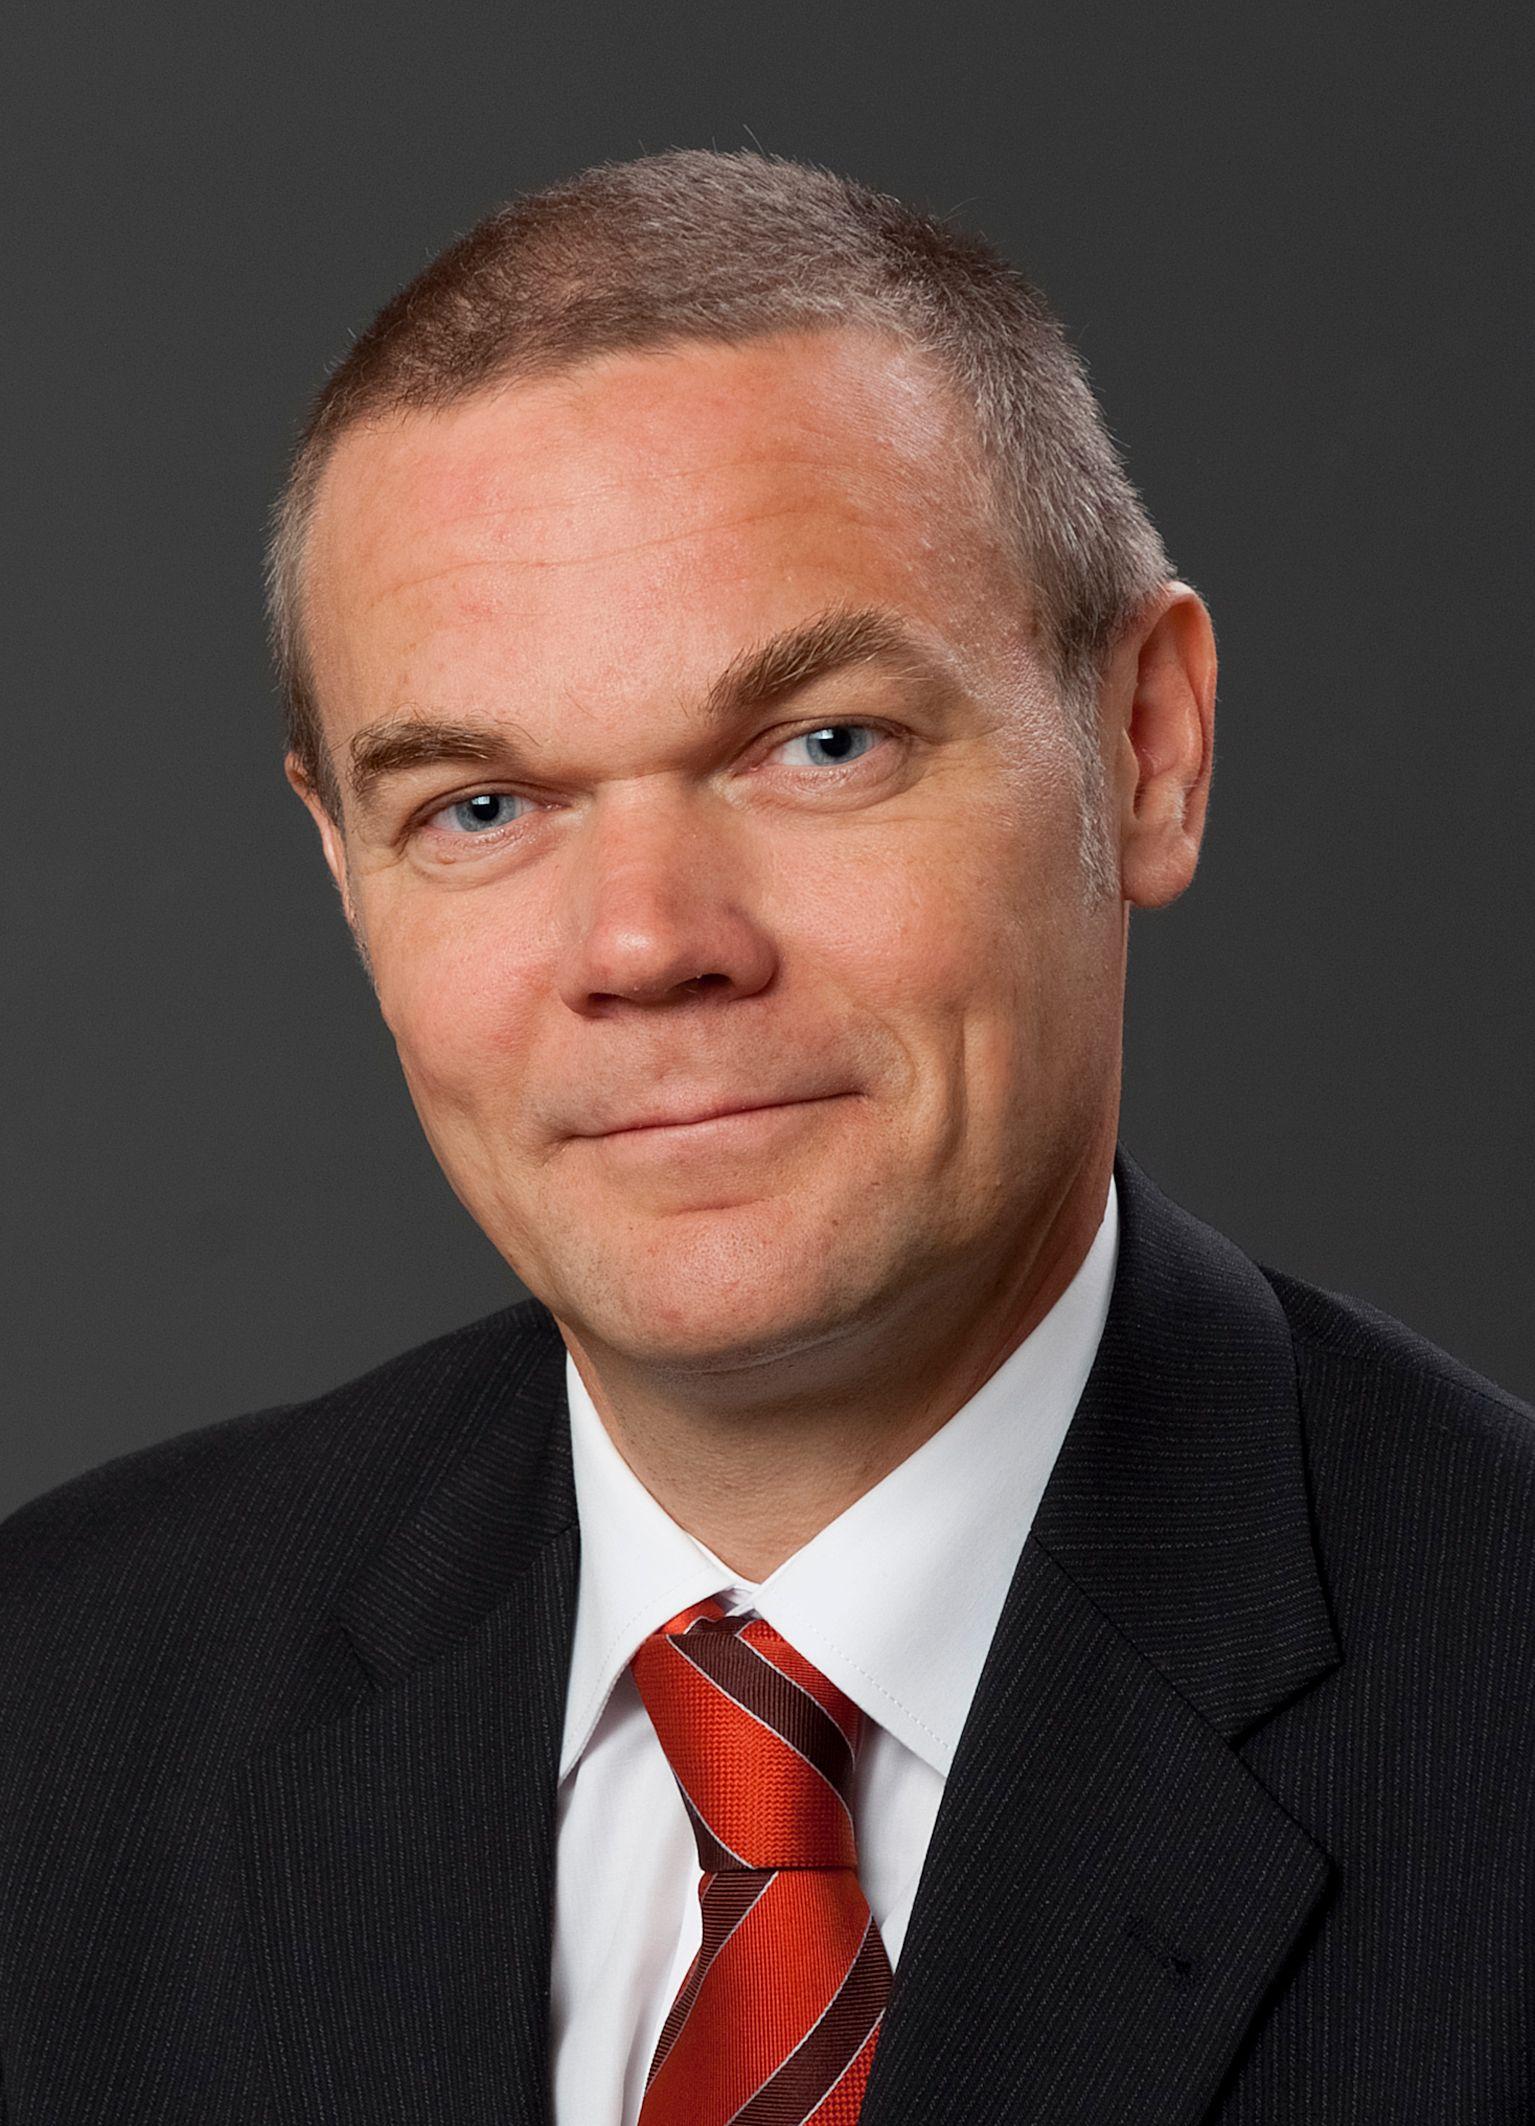 FAVORITT: Arnfinn Bårdsen har søkt seg til menneskerettsdomstolen i Strasbourg. Han er en av tre norske kandidater i «finalen».